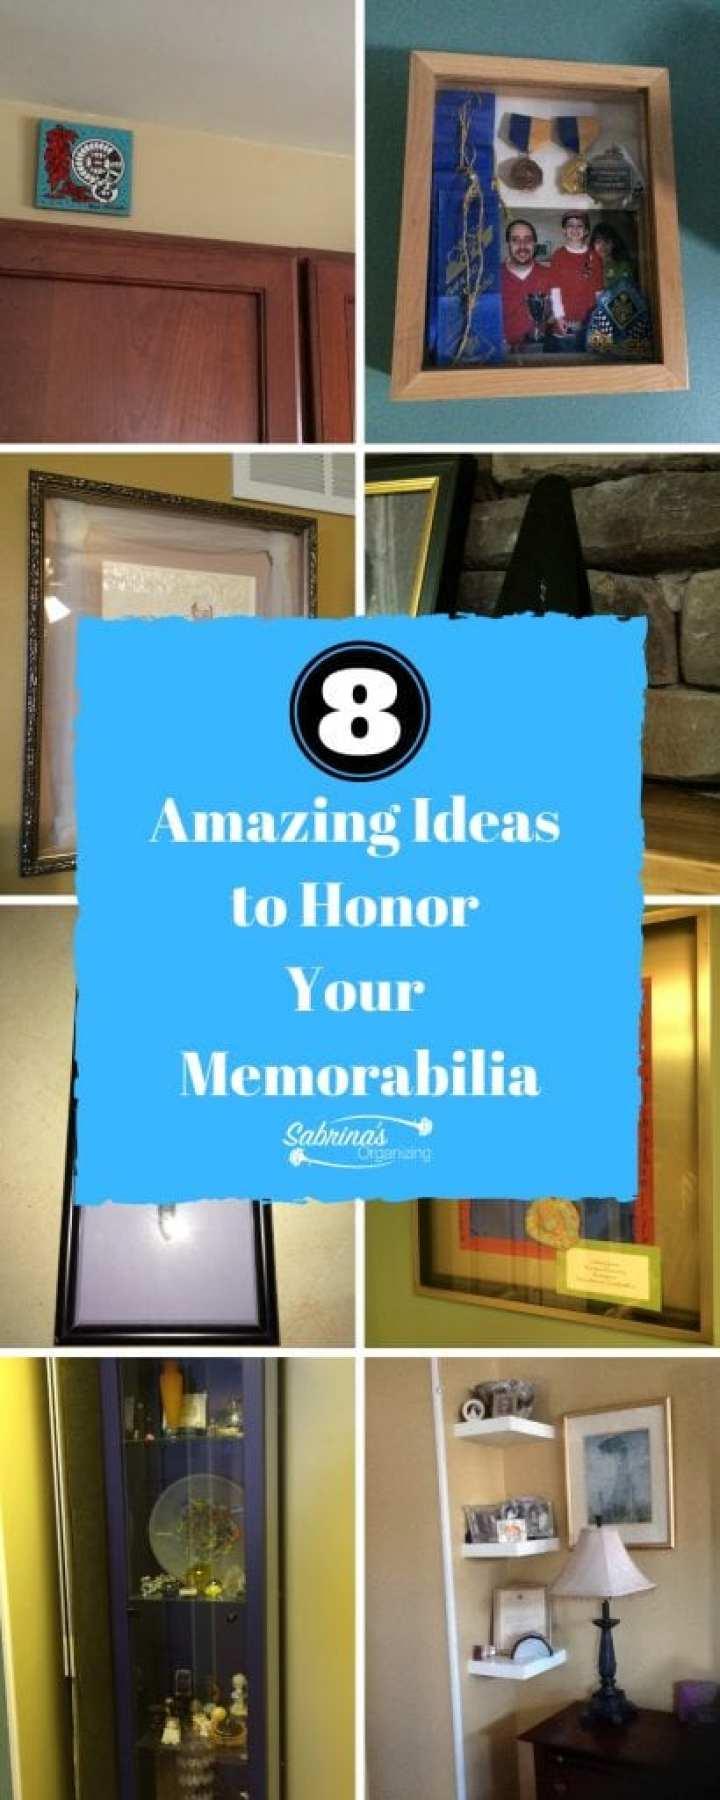 8 Amazing Ideas to Honor Your Memoriabilia